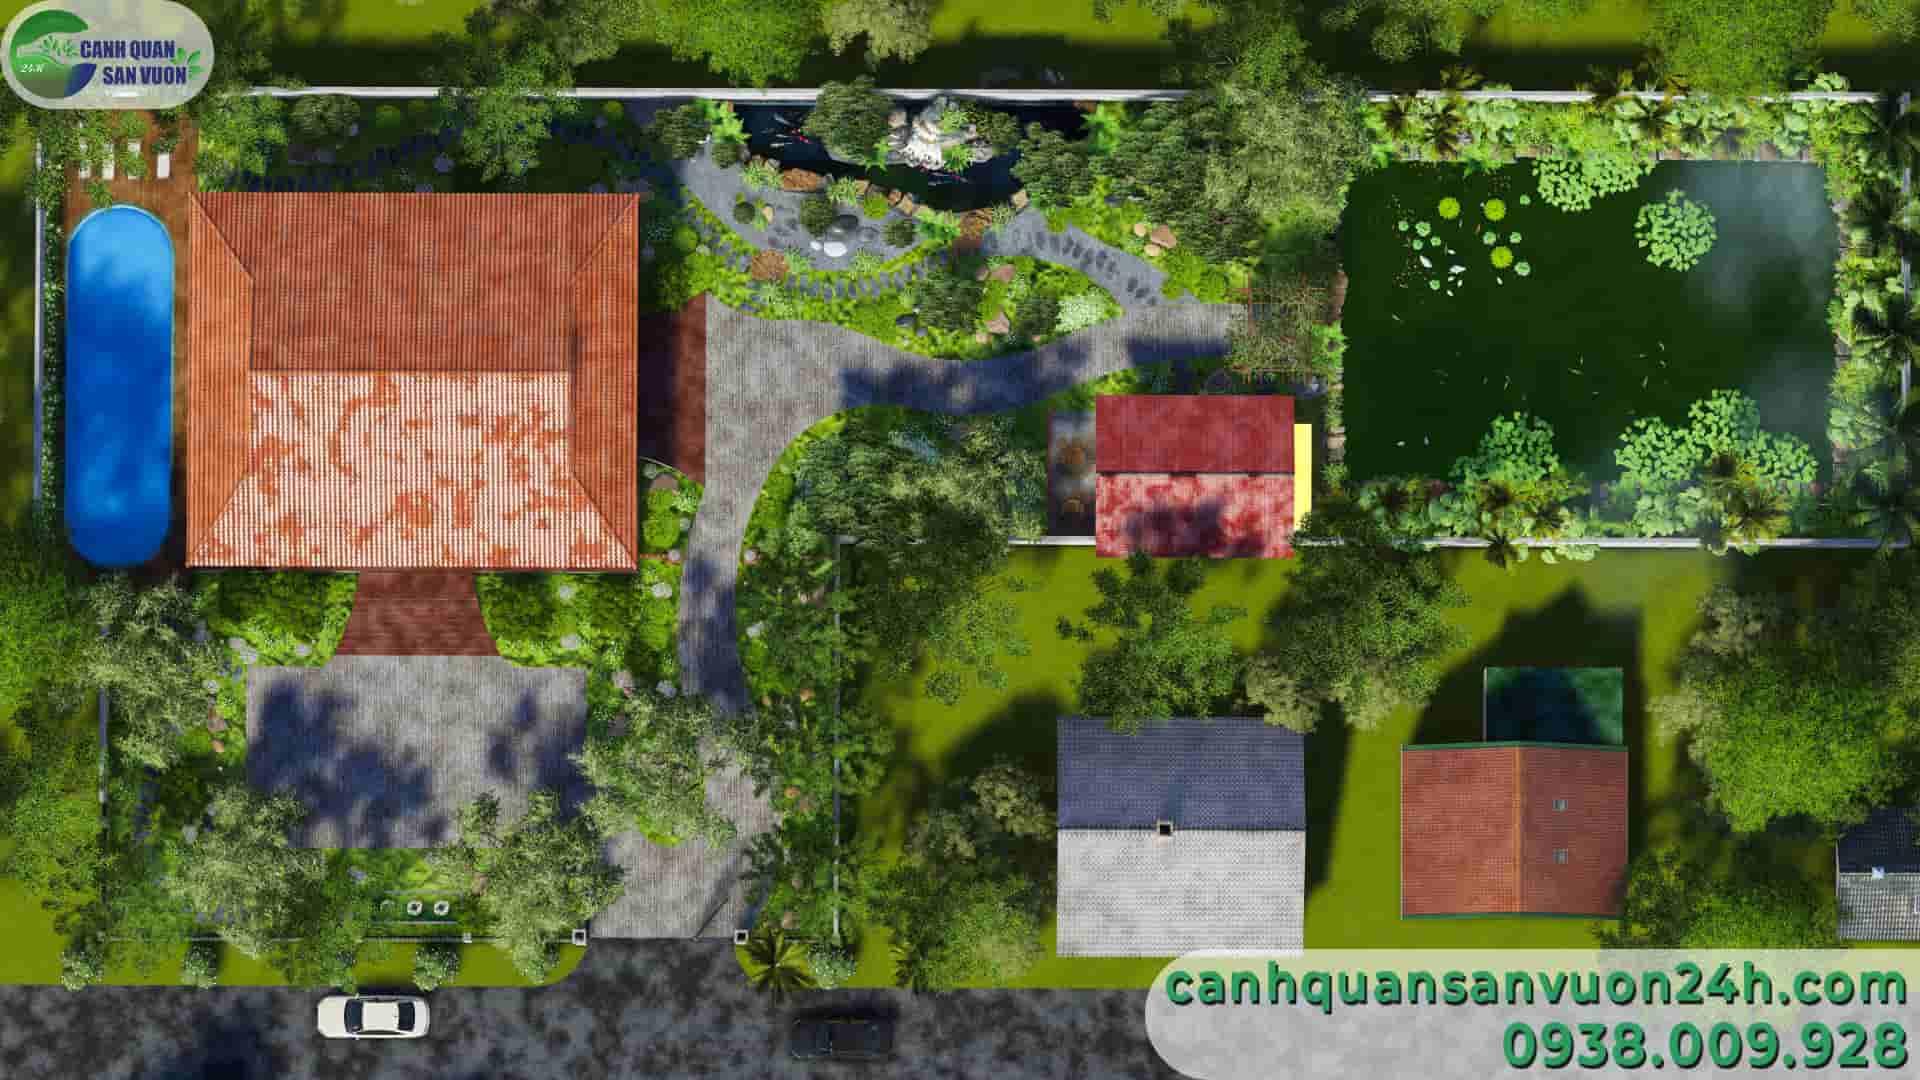 mô hình dự án thiết kế sân vườn